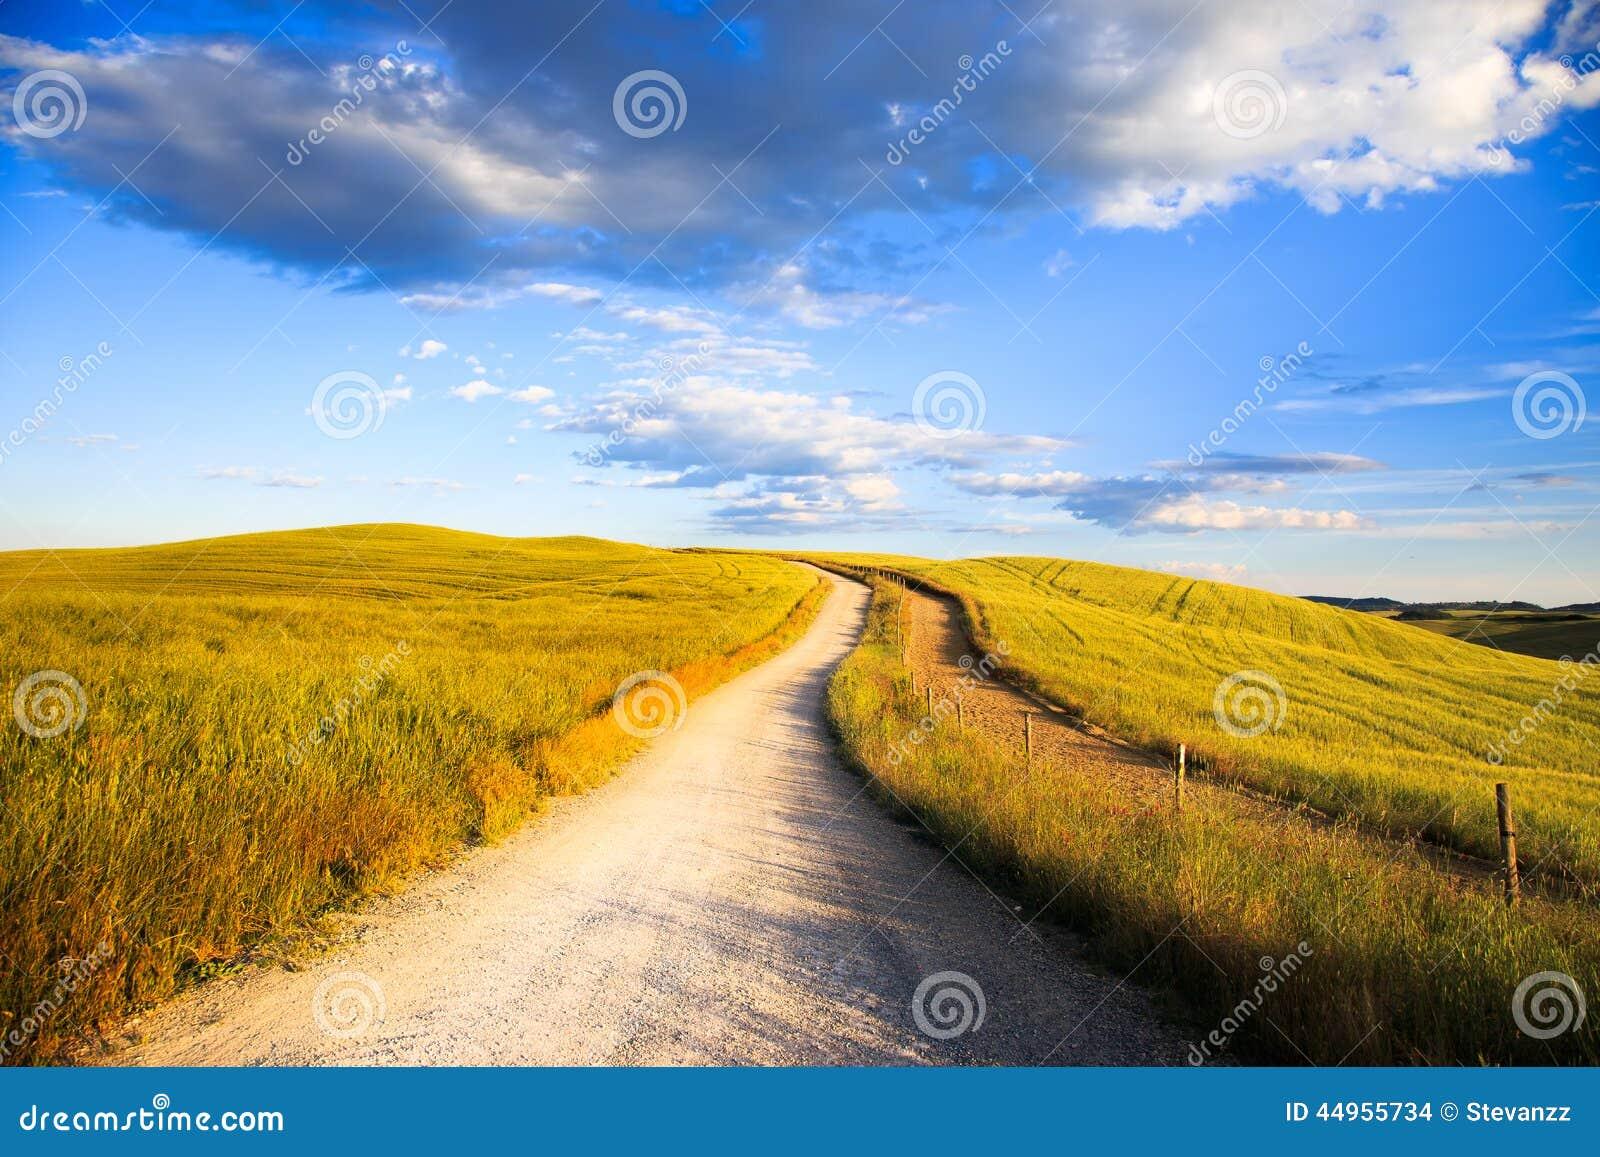 La toscana strada bianca sulla collina di rotolamento for Piani di campagna in collina